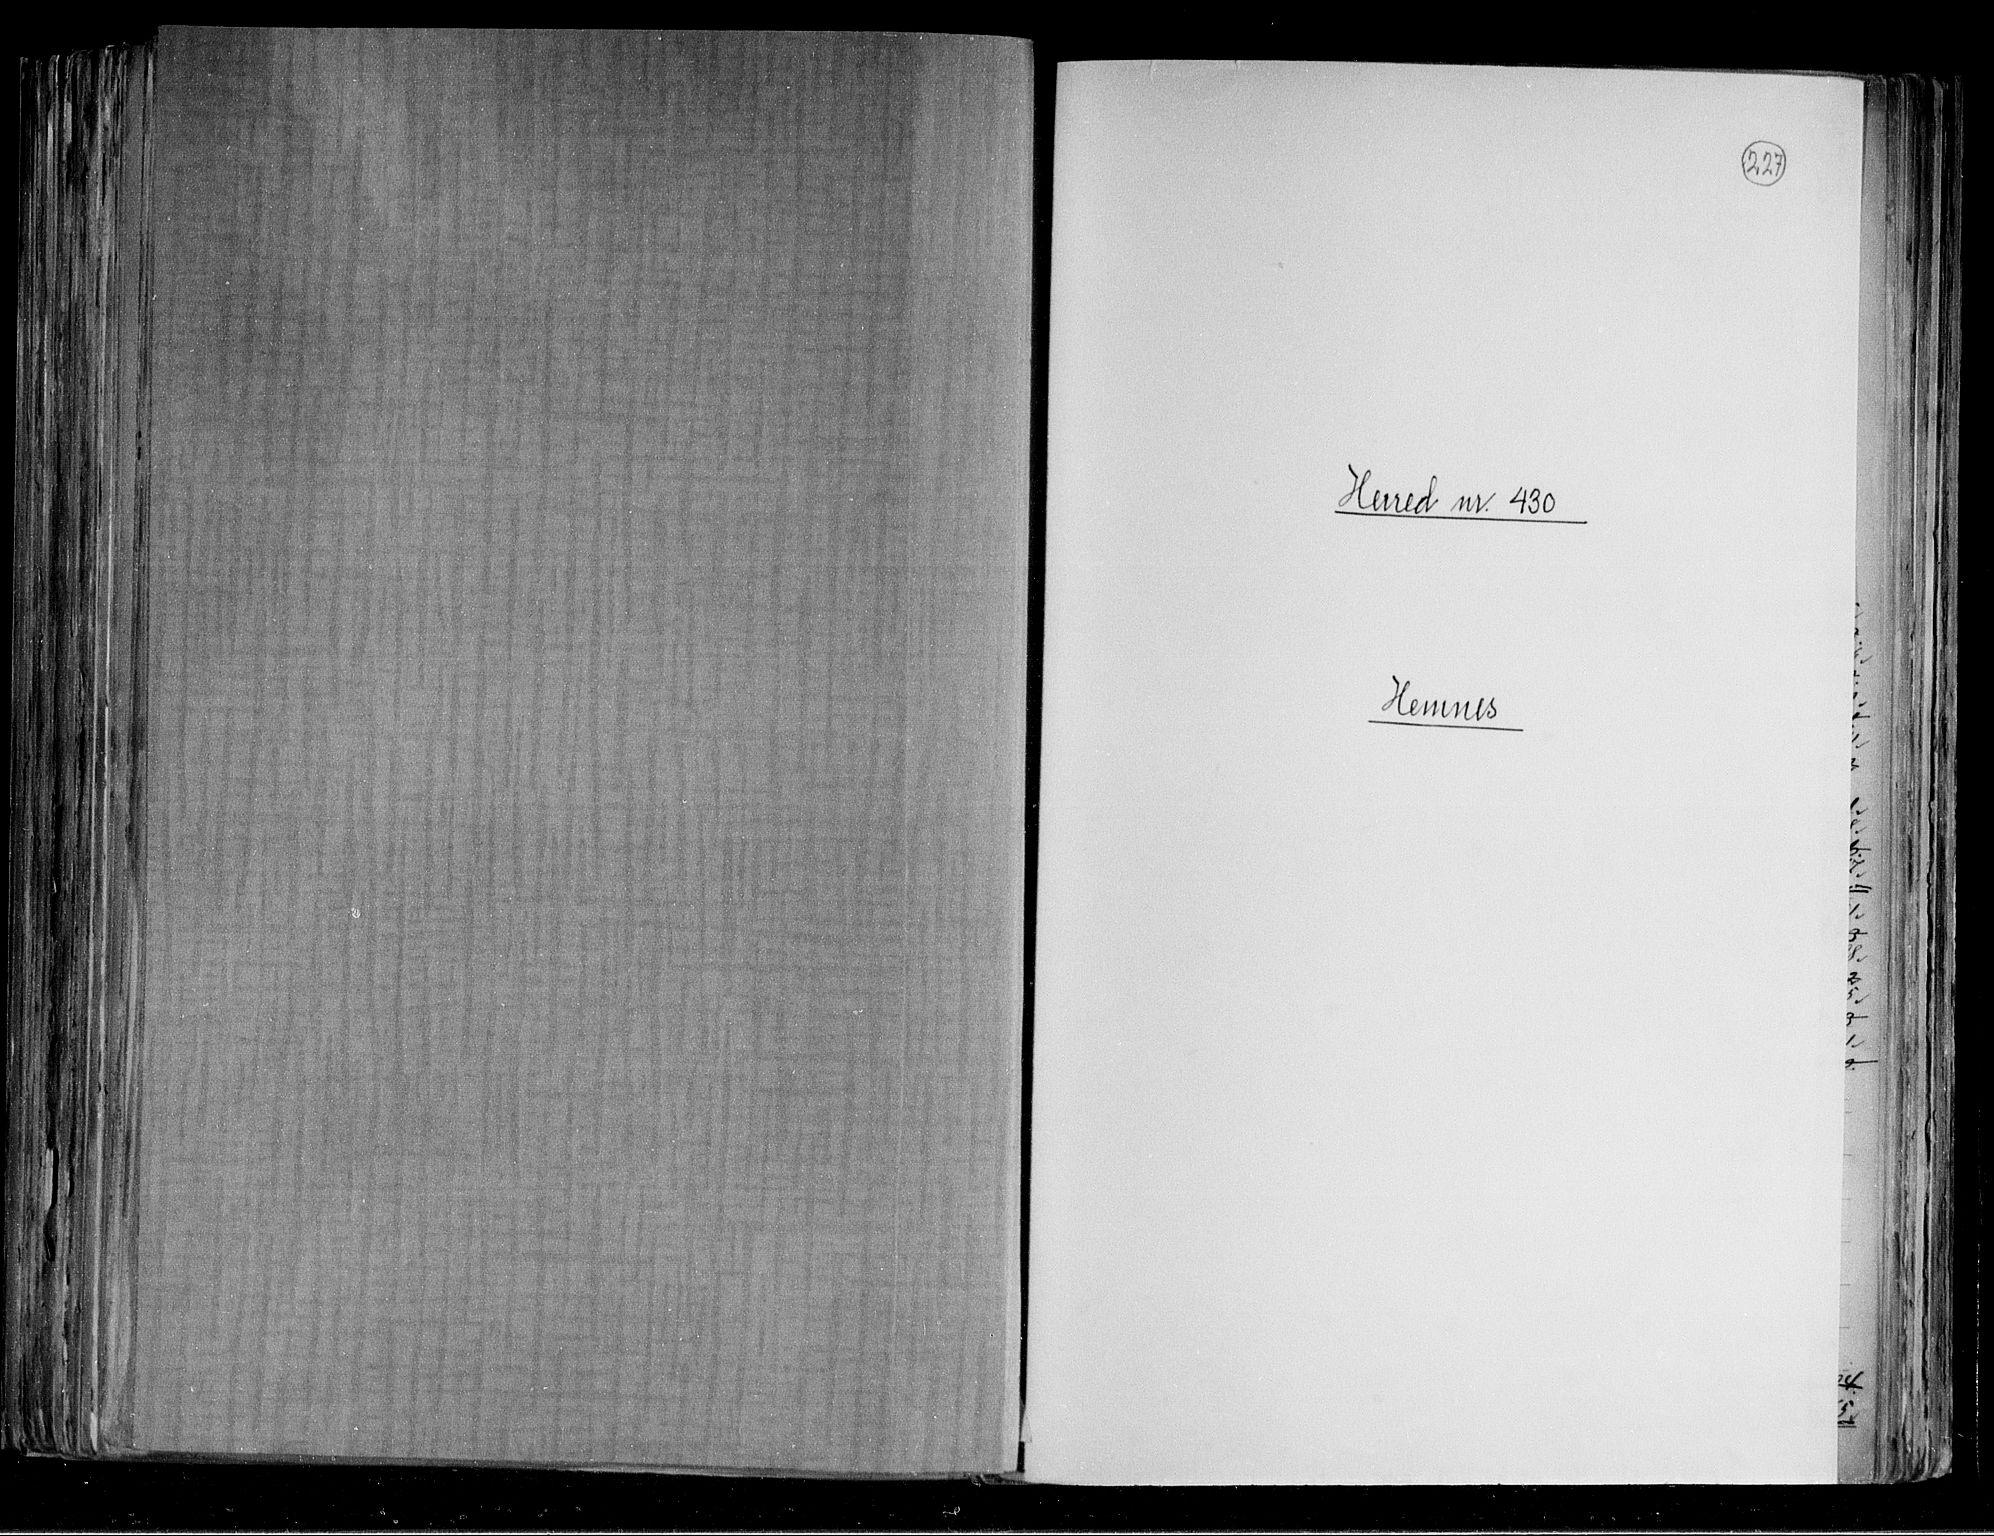 RA, Folketelling 1891 for 1832 Hemnes herred, 1891, s. 1